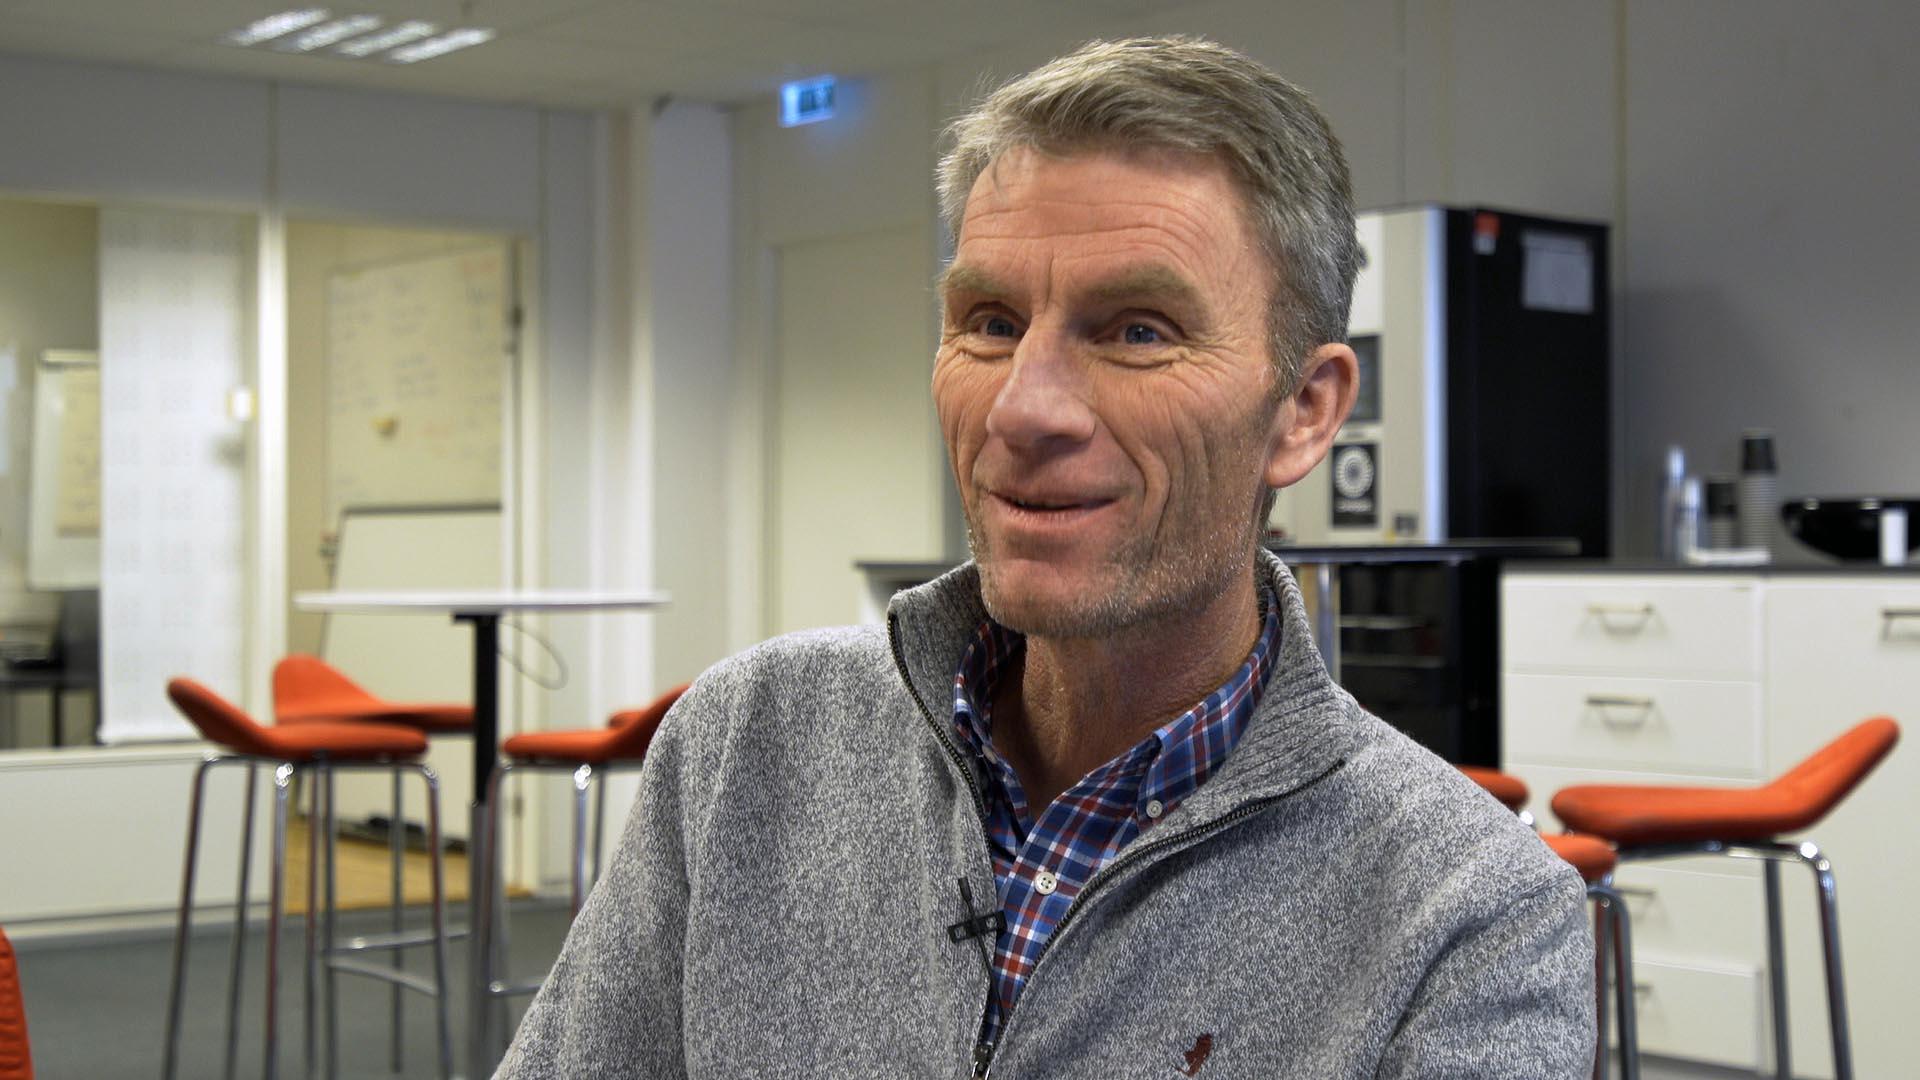 Stain Sandvold, daglig leder på K-tech. Foto: 3600.no